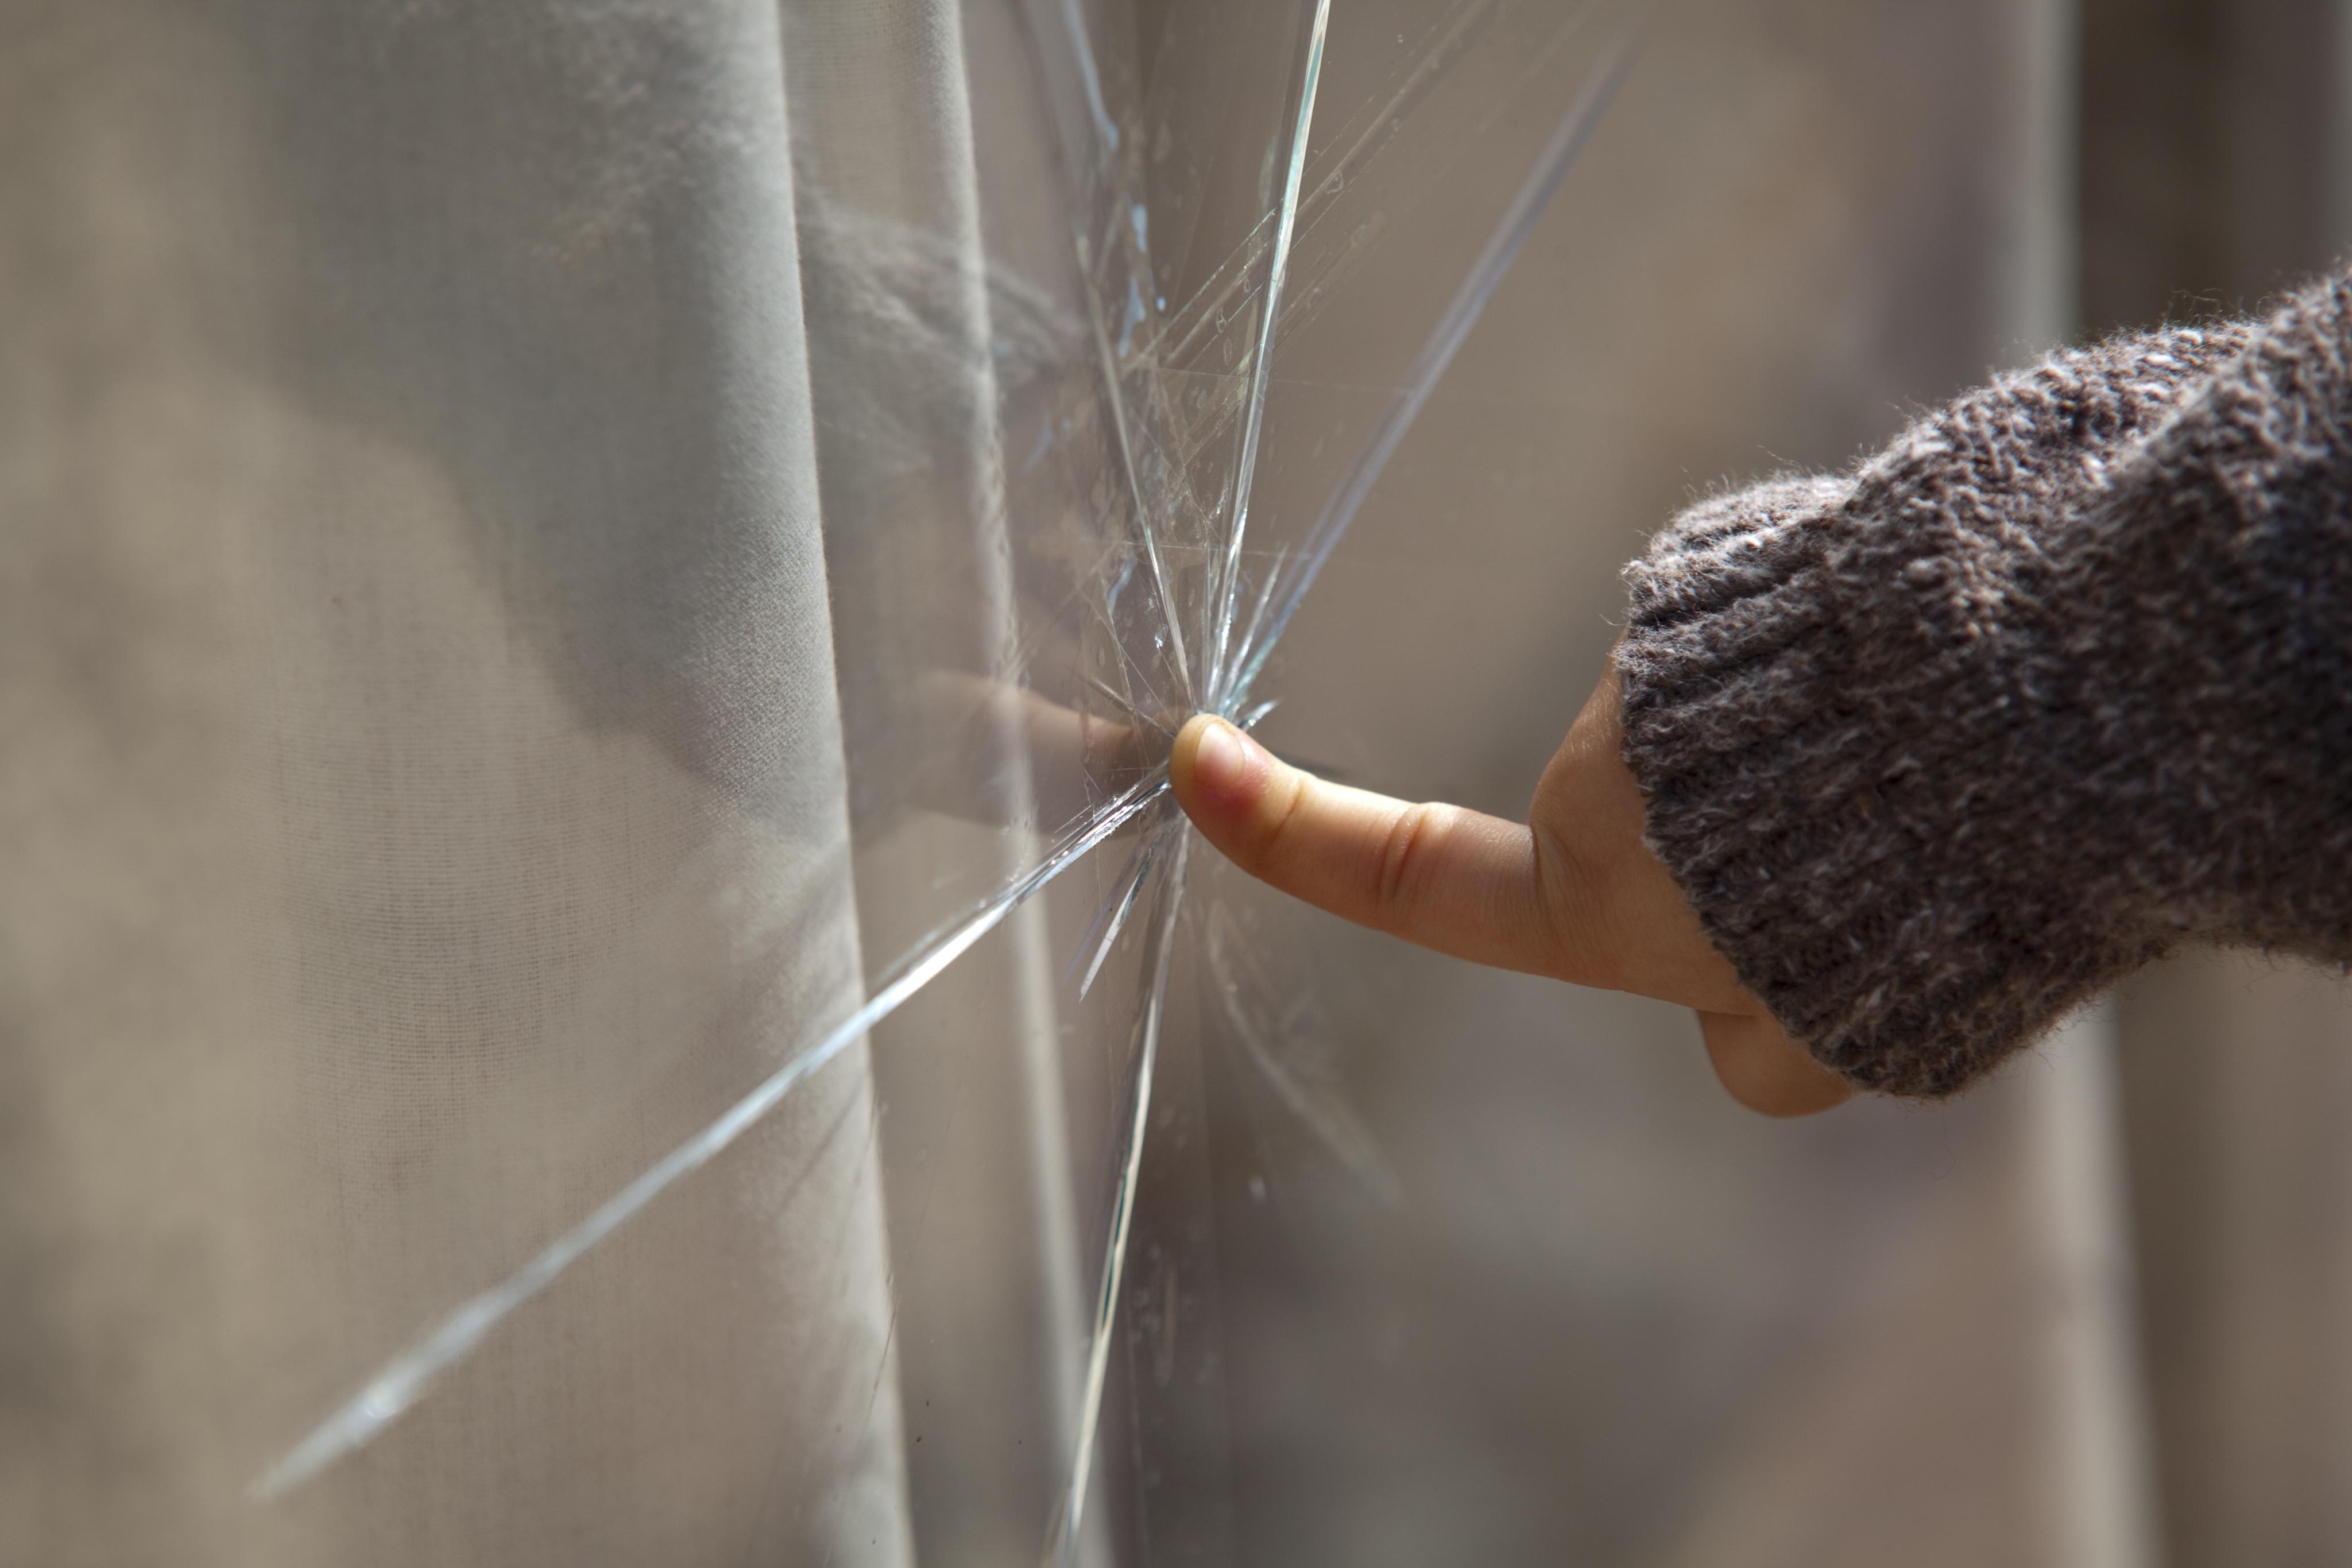 Preprečite poškodbe stekla z varnimi zasteklitvami